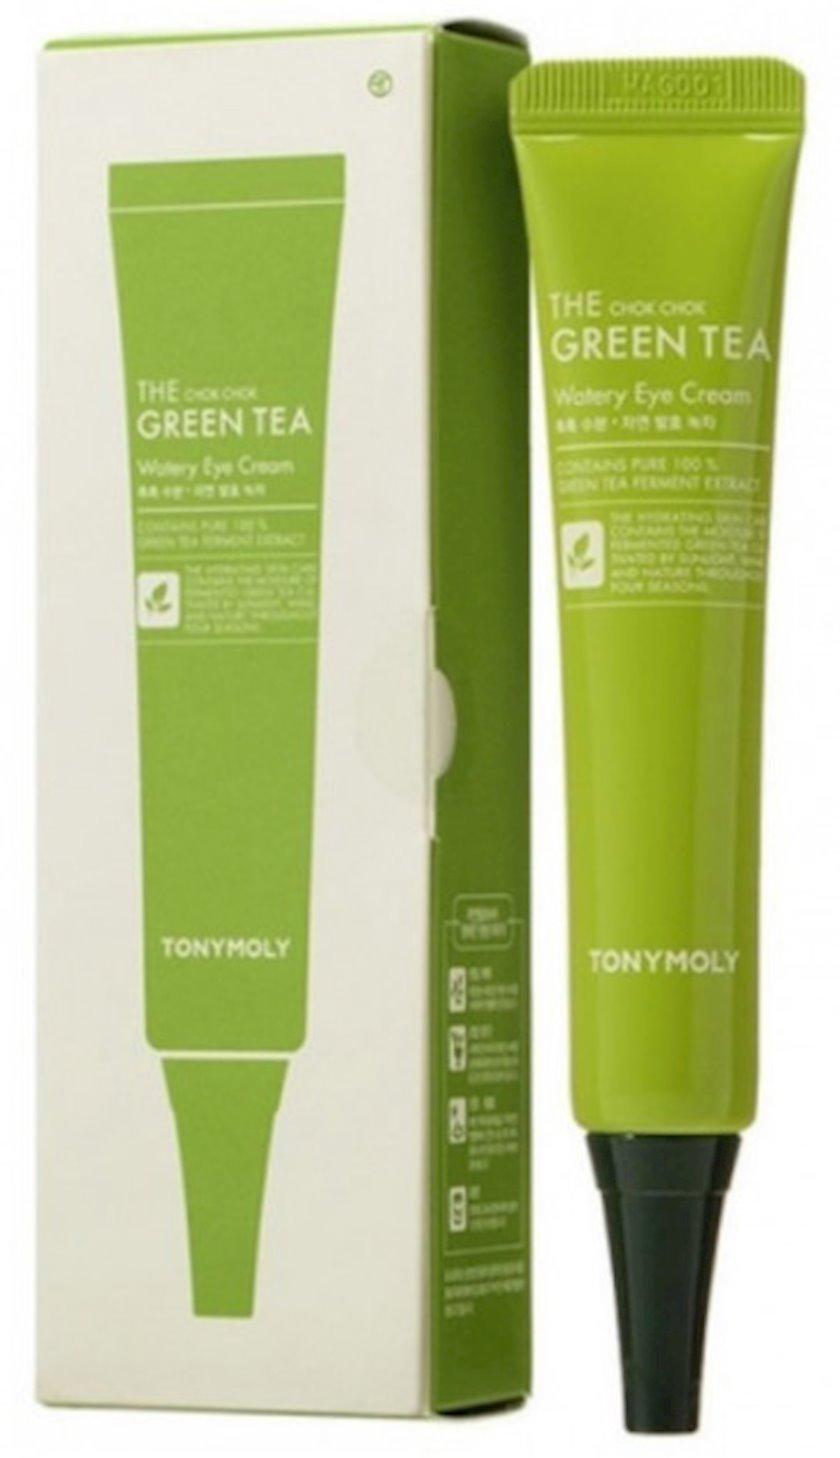 Göz ətrafında dəri üçün yaşıl çay ekstraktı ilə krem Tony Moly the Chok Chok Green Tea Watery 30 ml